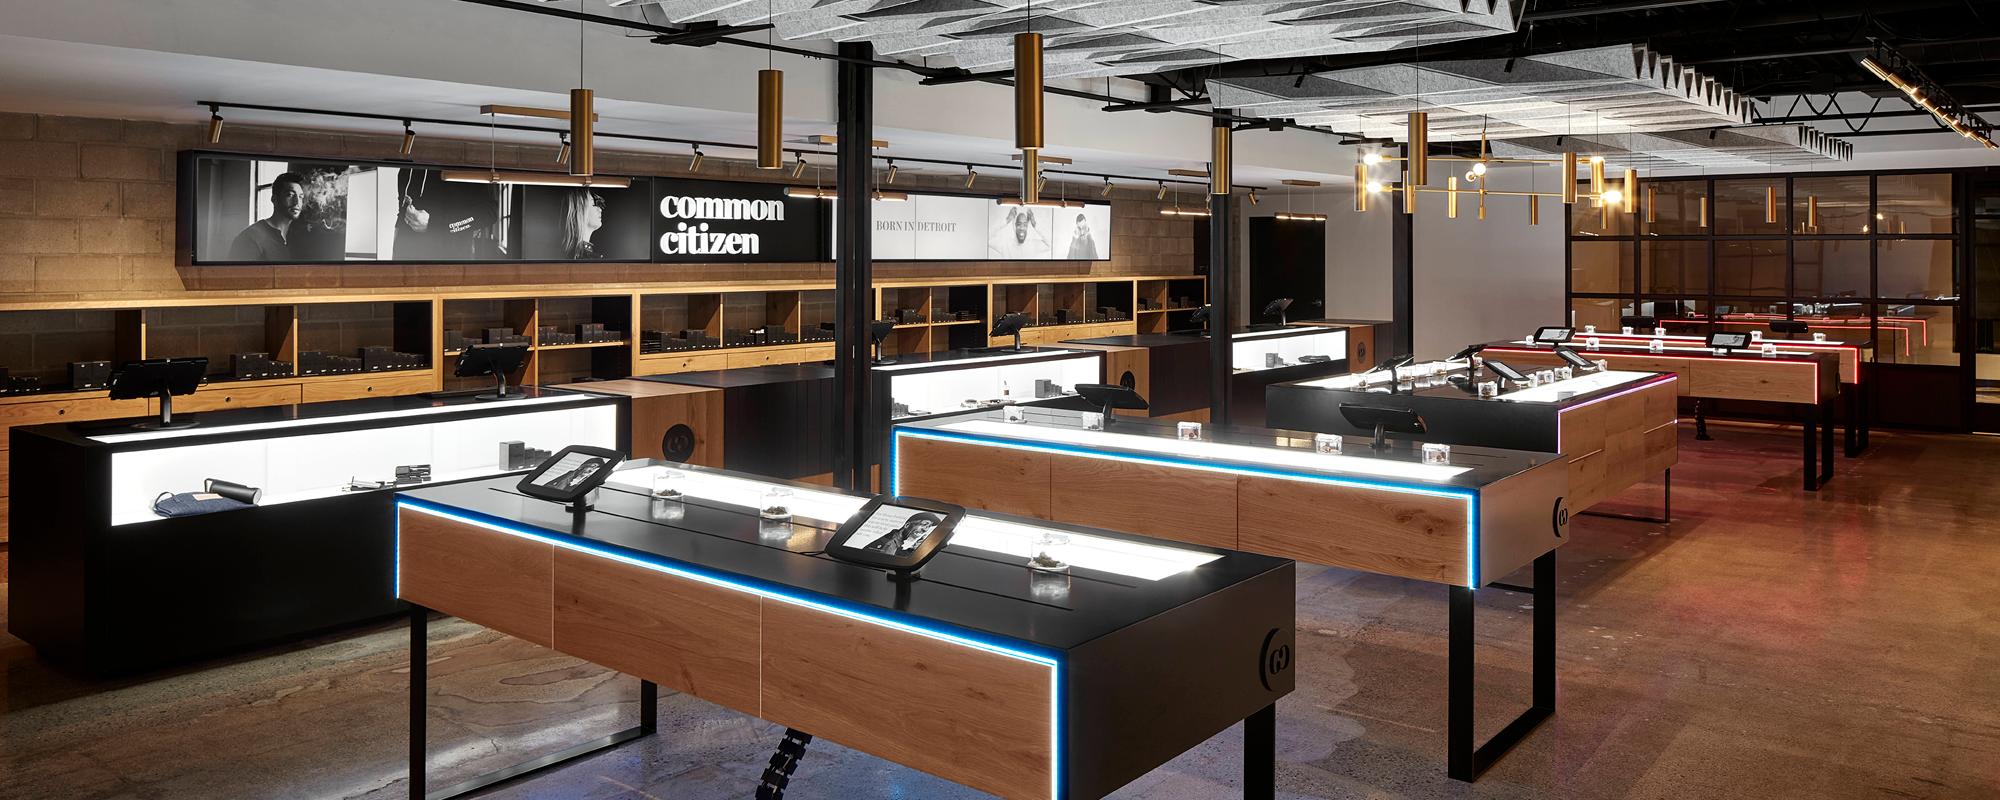 CommonCitizen-Retail-2000px3